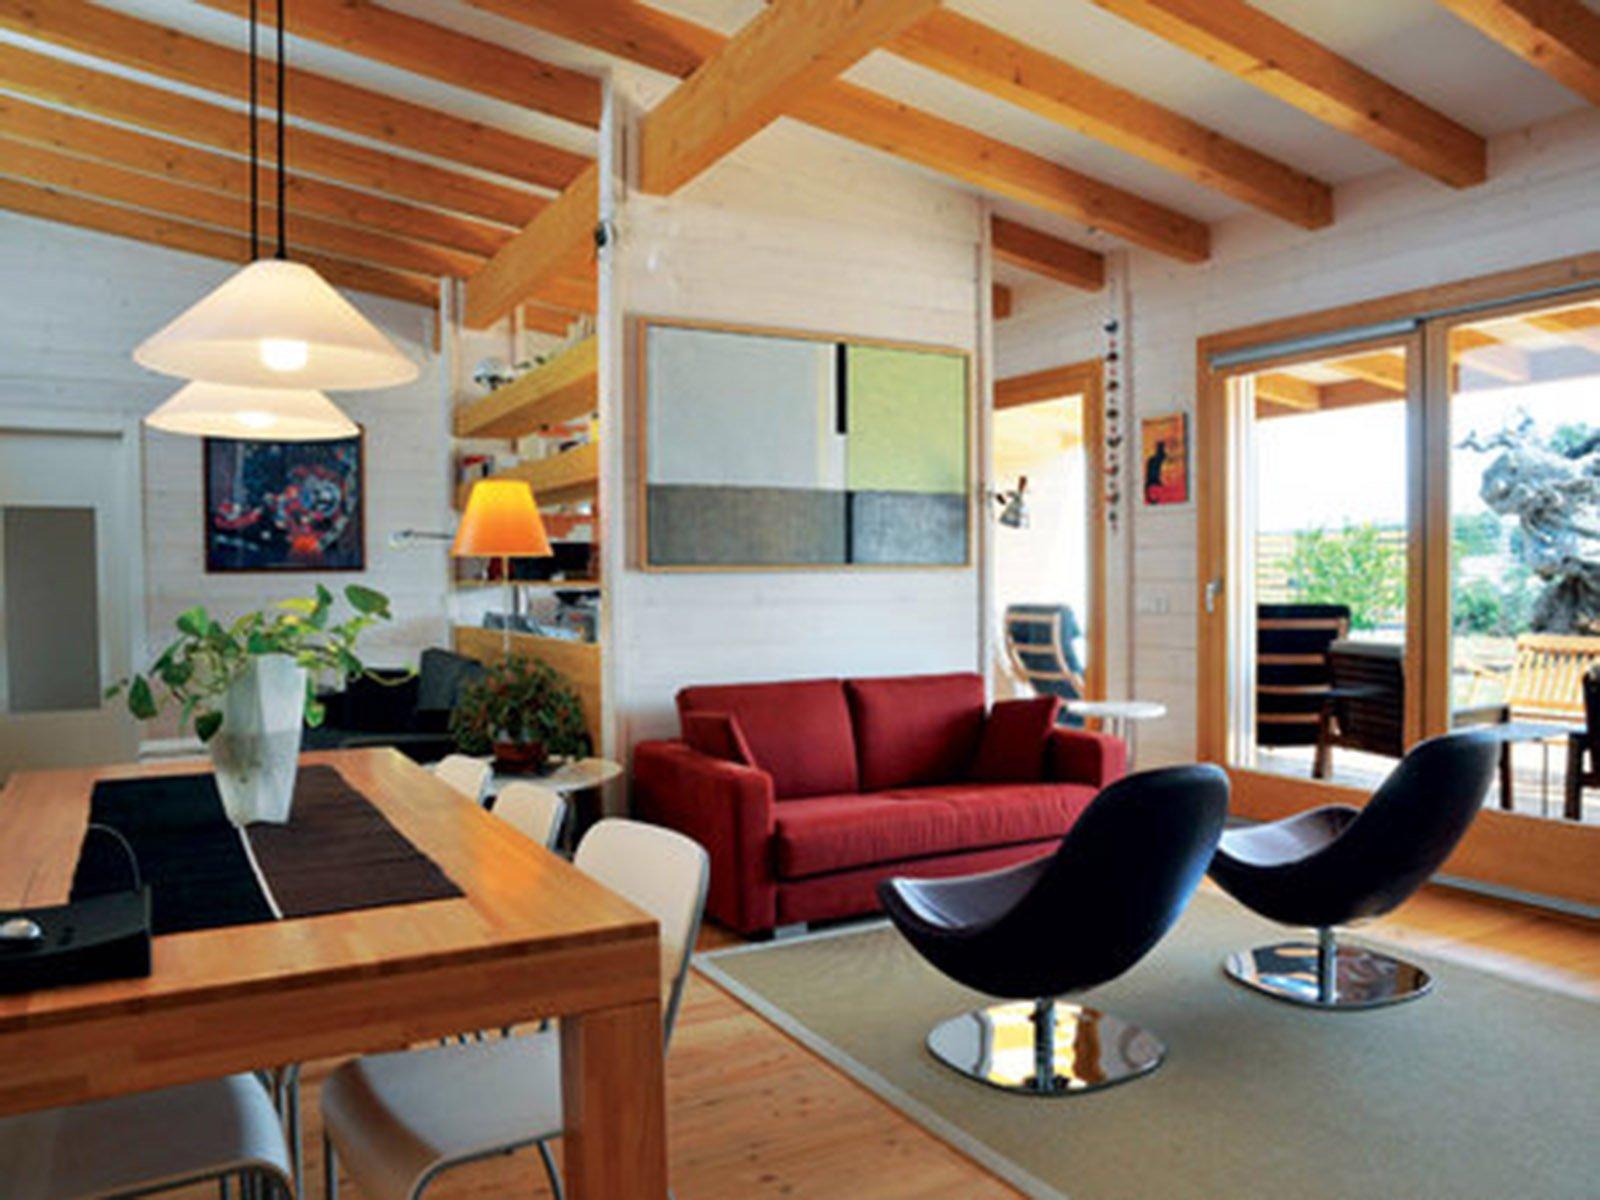 Bioarchitettura e case ecologiche prefabbricate in legno for Interni di case belle